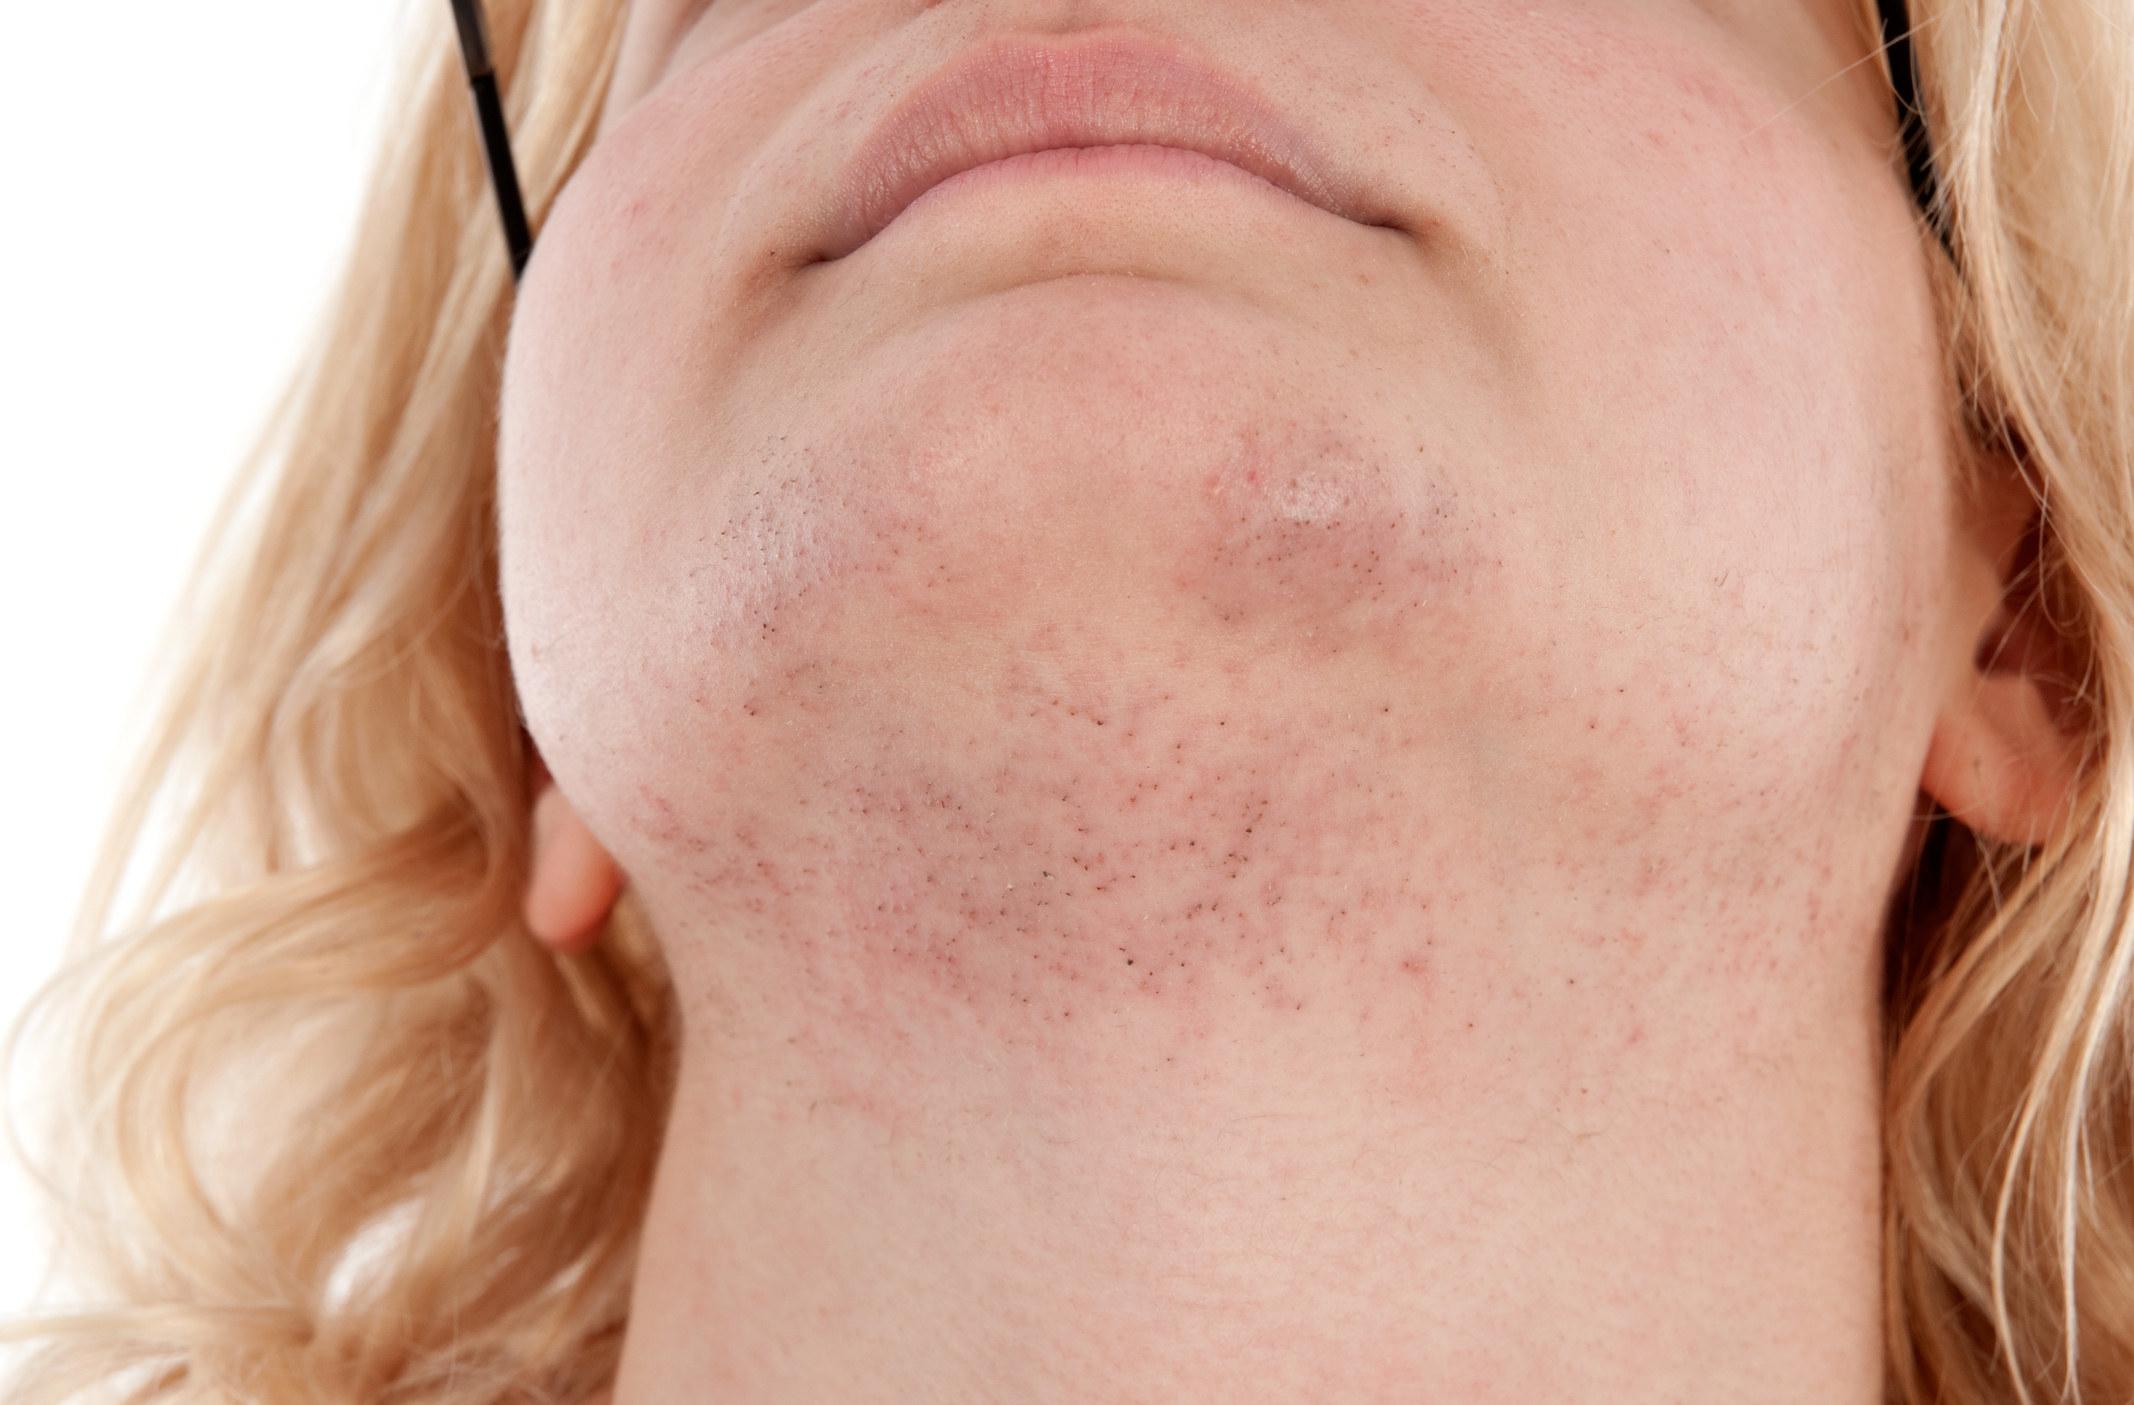 A closeup of a woman's chin hair